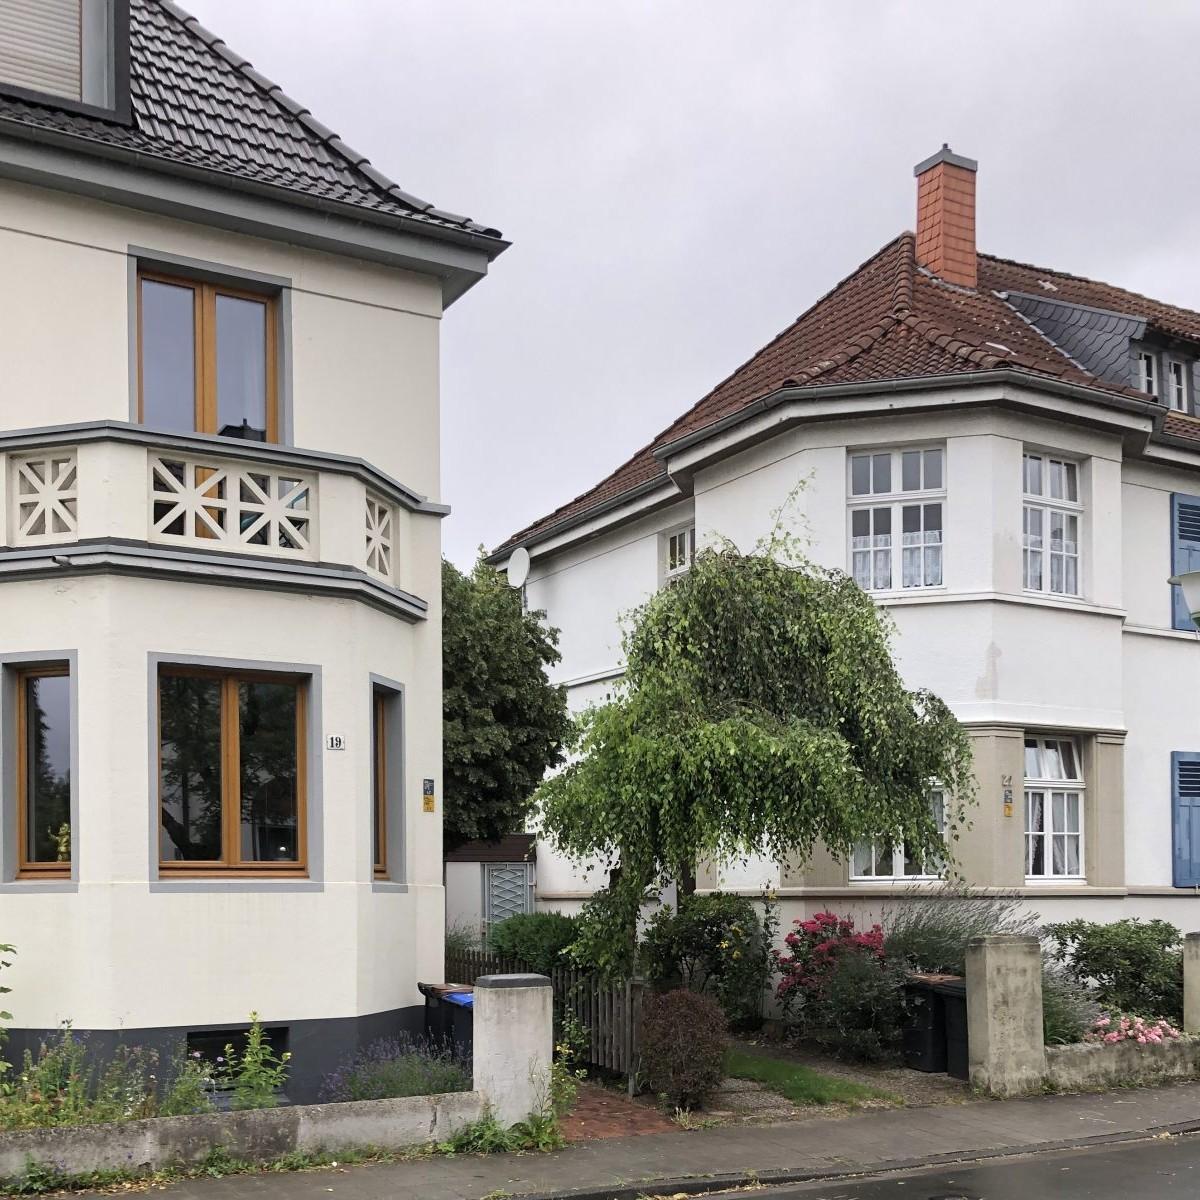 Münster vor Ort: Blitzdorf, Rheinstraße - Foto: Stefan Rethfeld